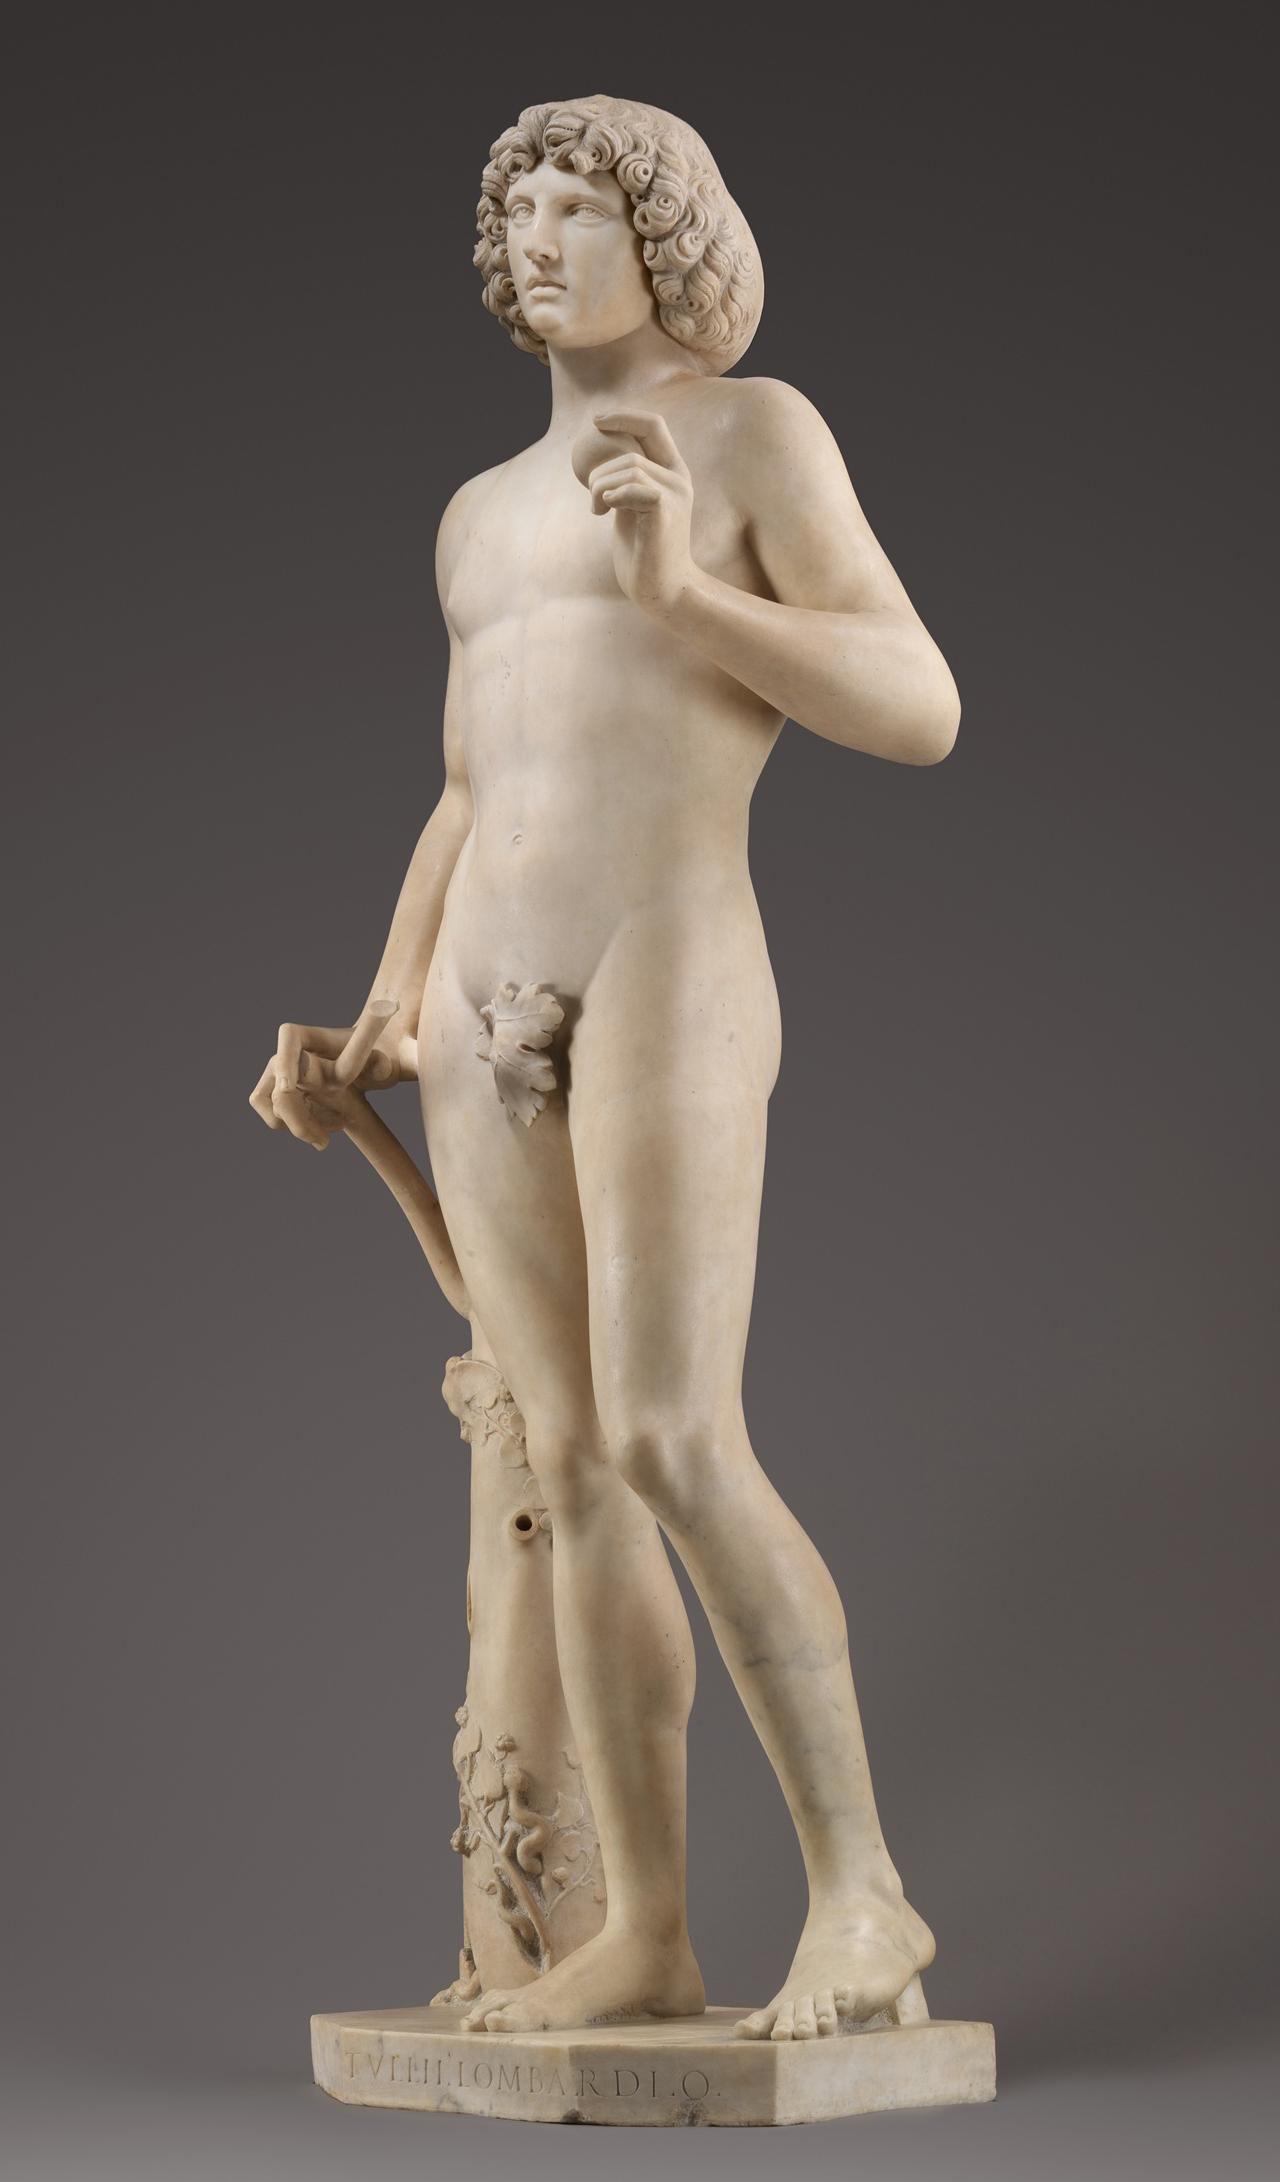 """Tullio Lomardo's """"Adam"""" in all his glory post-restoration."""